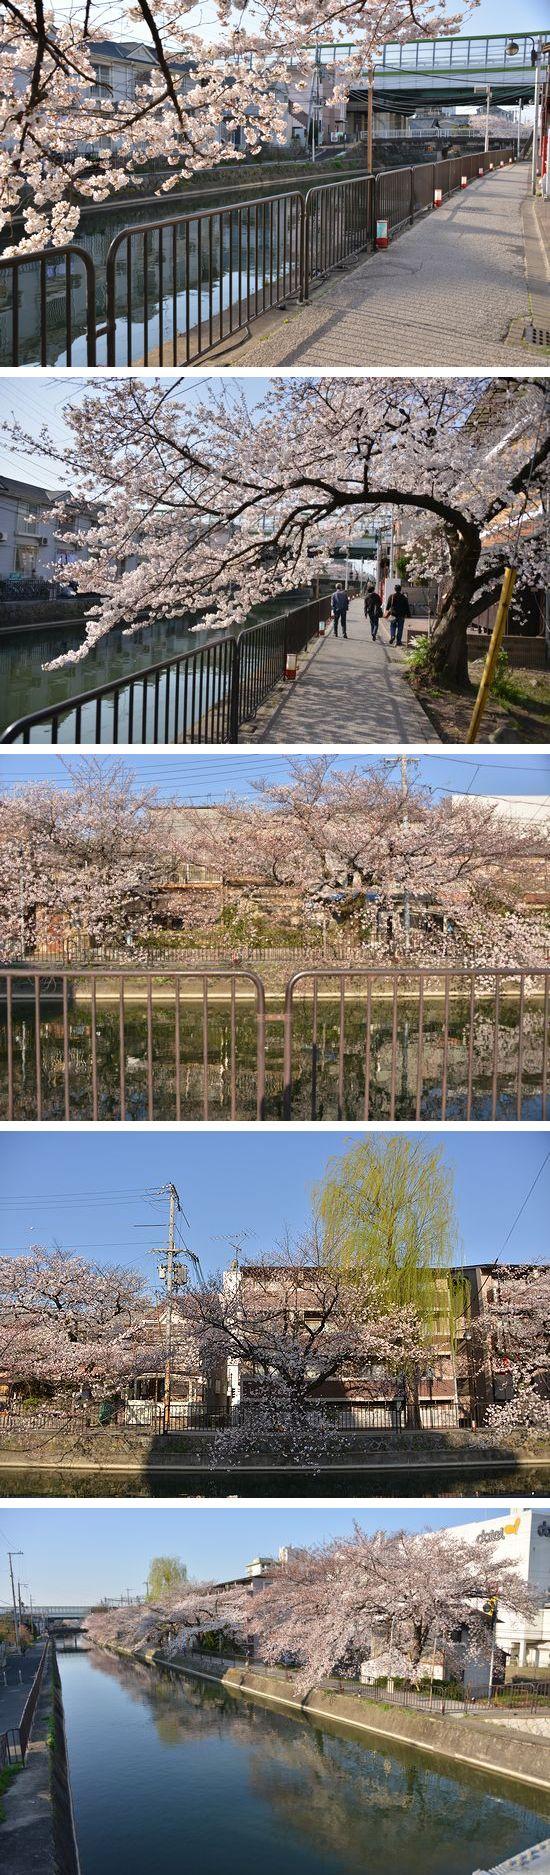 DSC_1199sakura.jpg